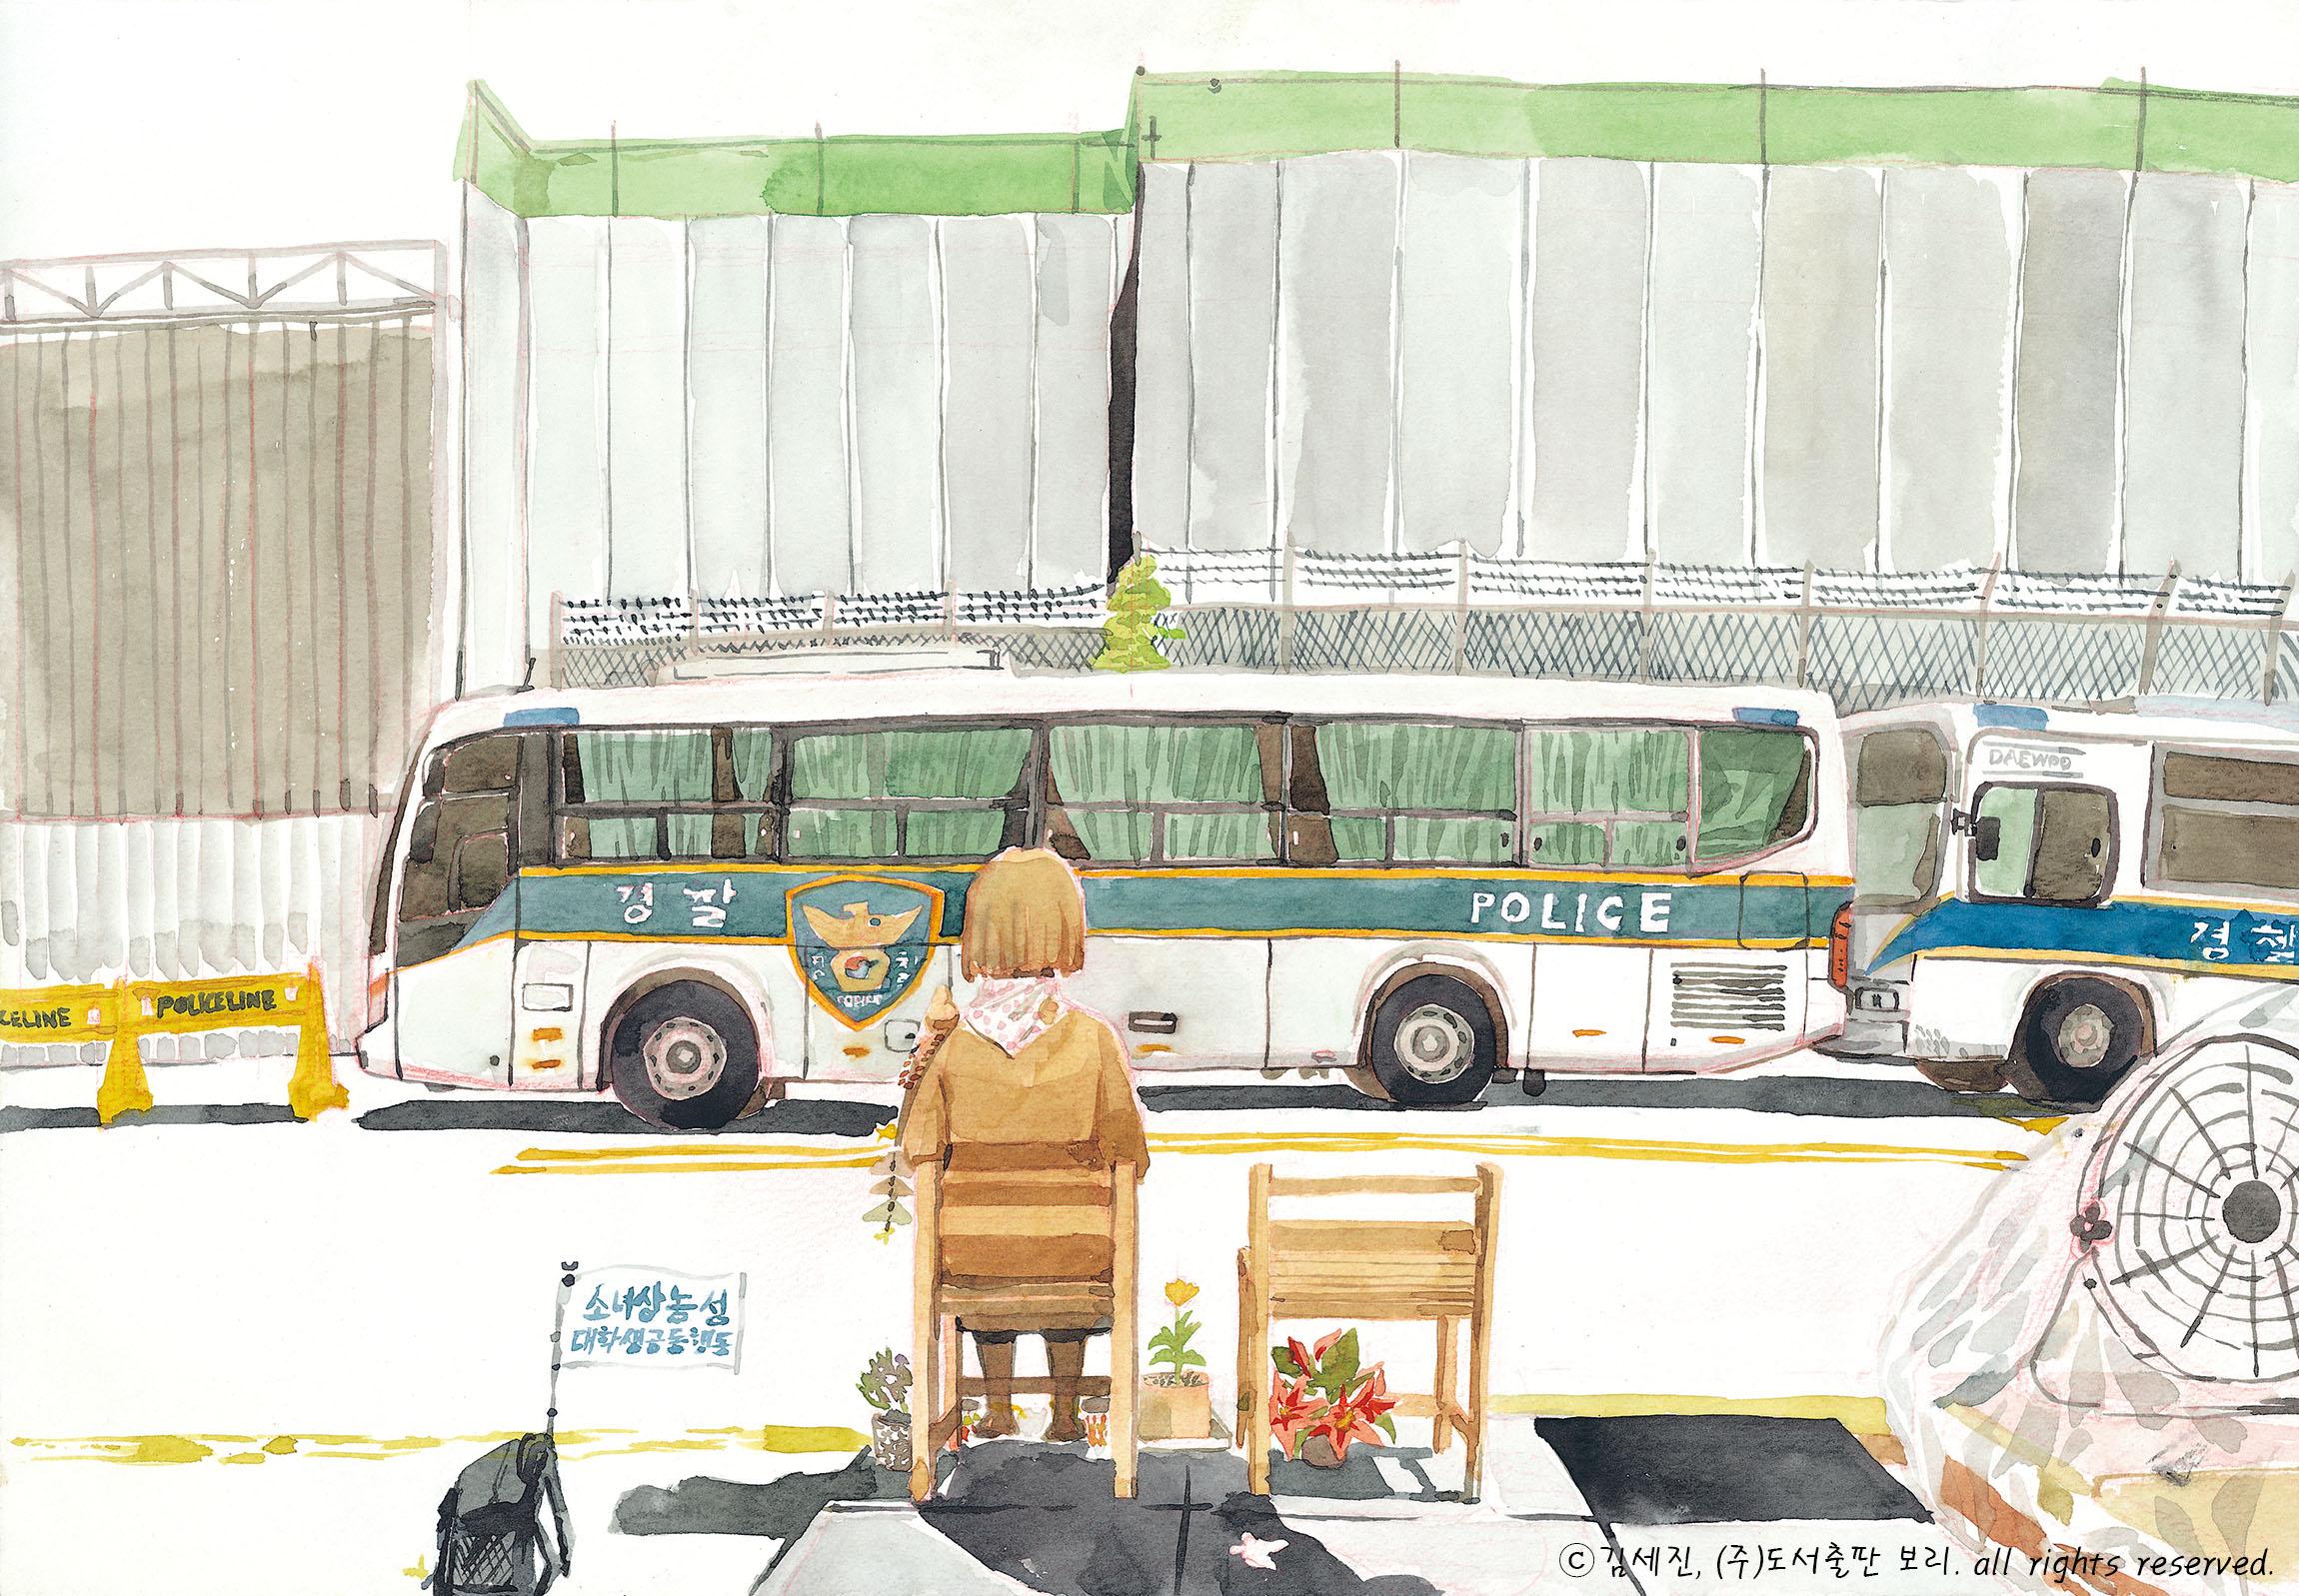 서울특별시 종로구 일본대사관 앞에 위치한 평화의 소녀상 (그림 : 김세진)